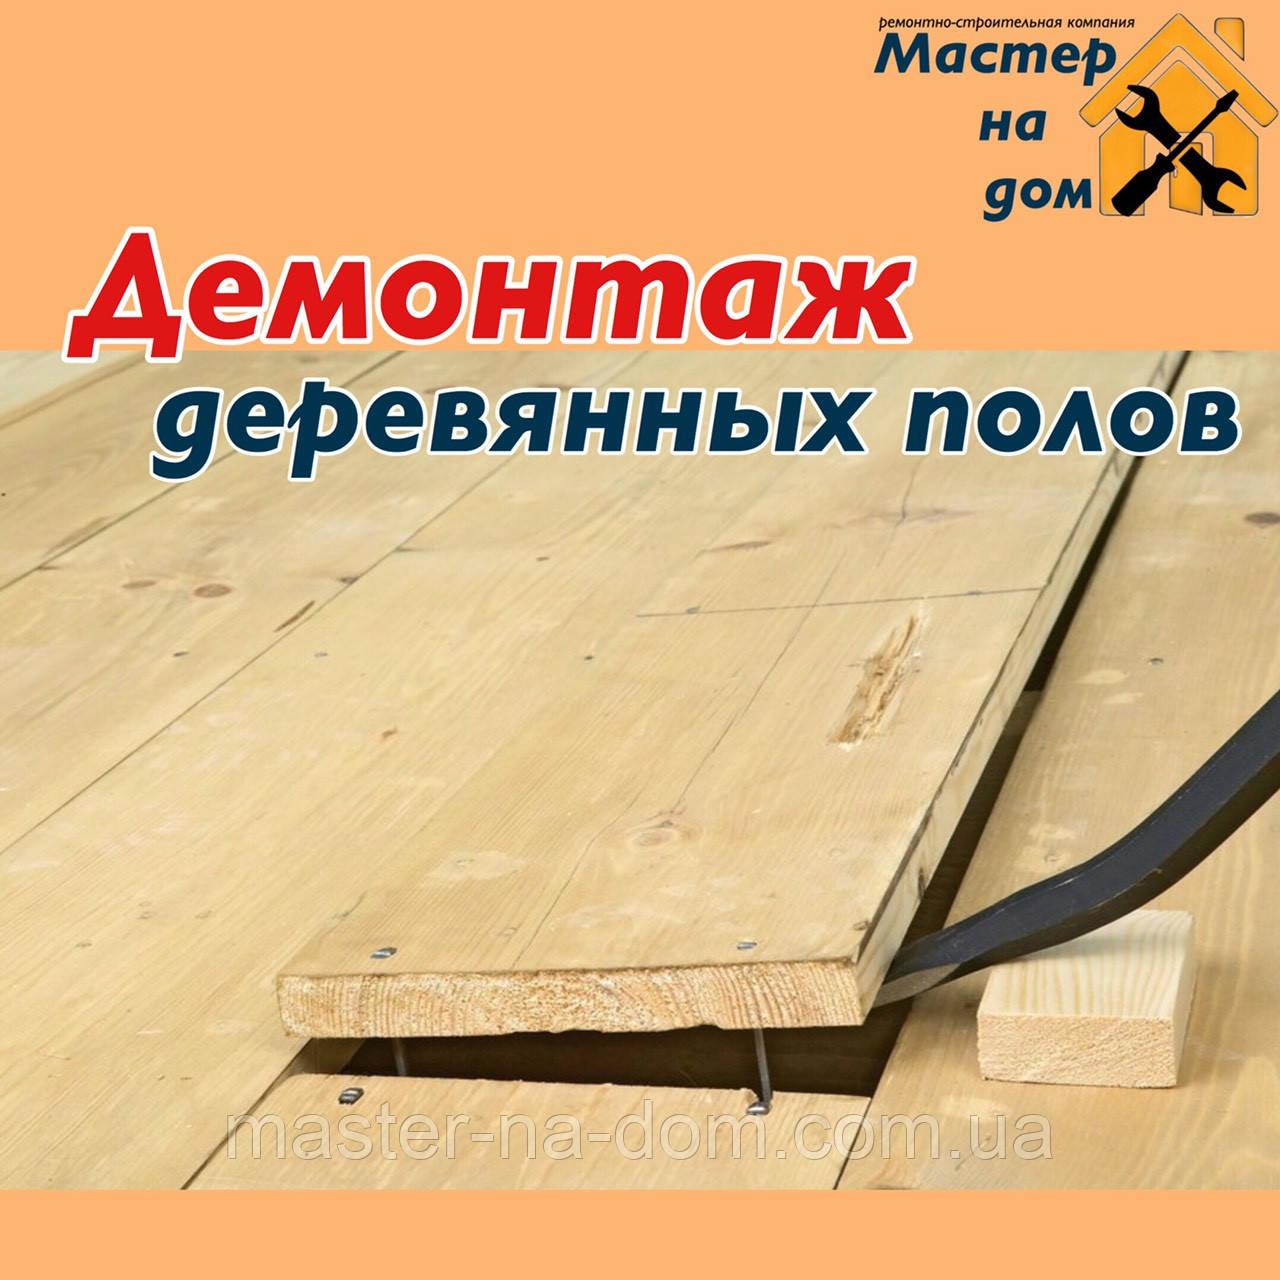 Демонтаж дерев'яних,паркетних підлог